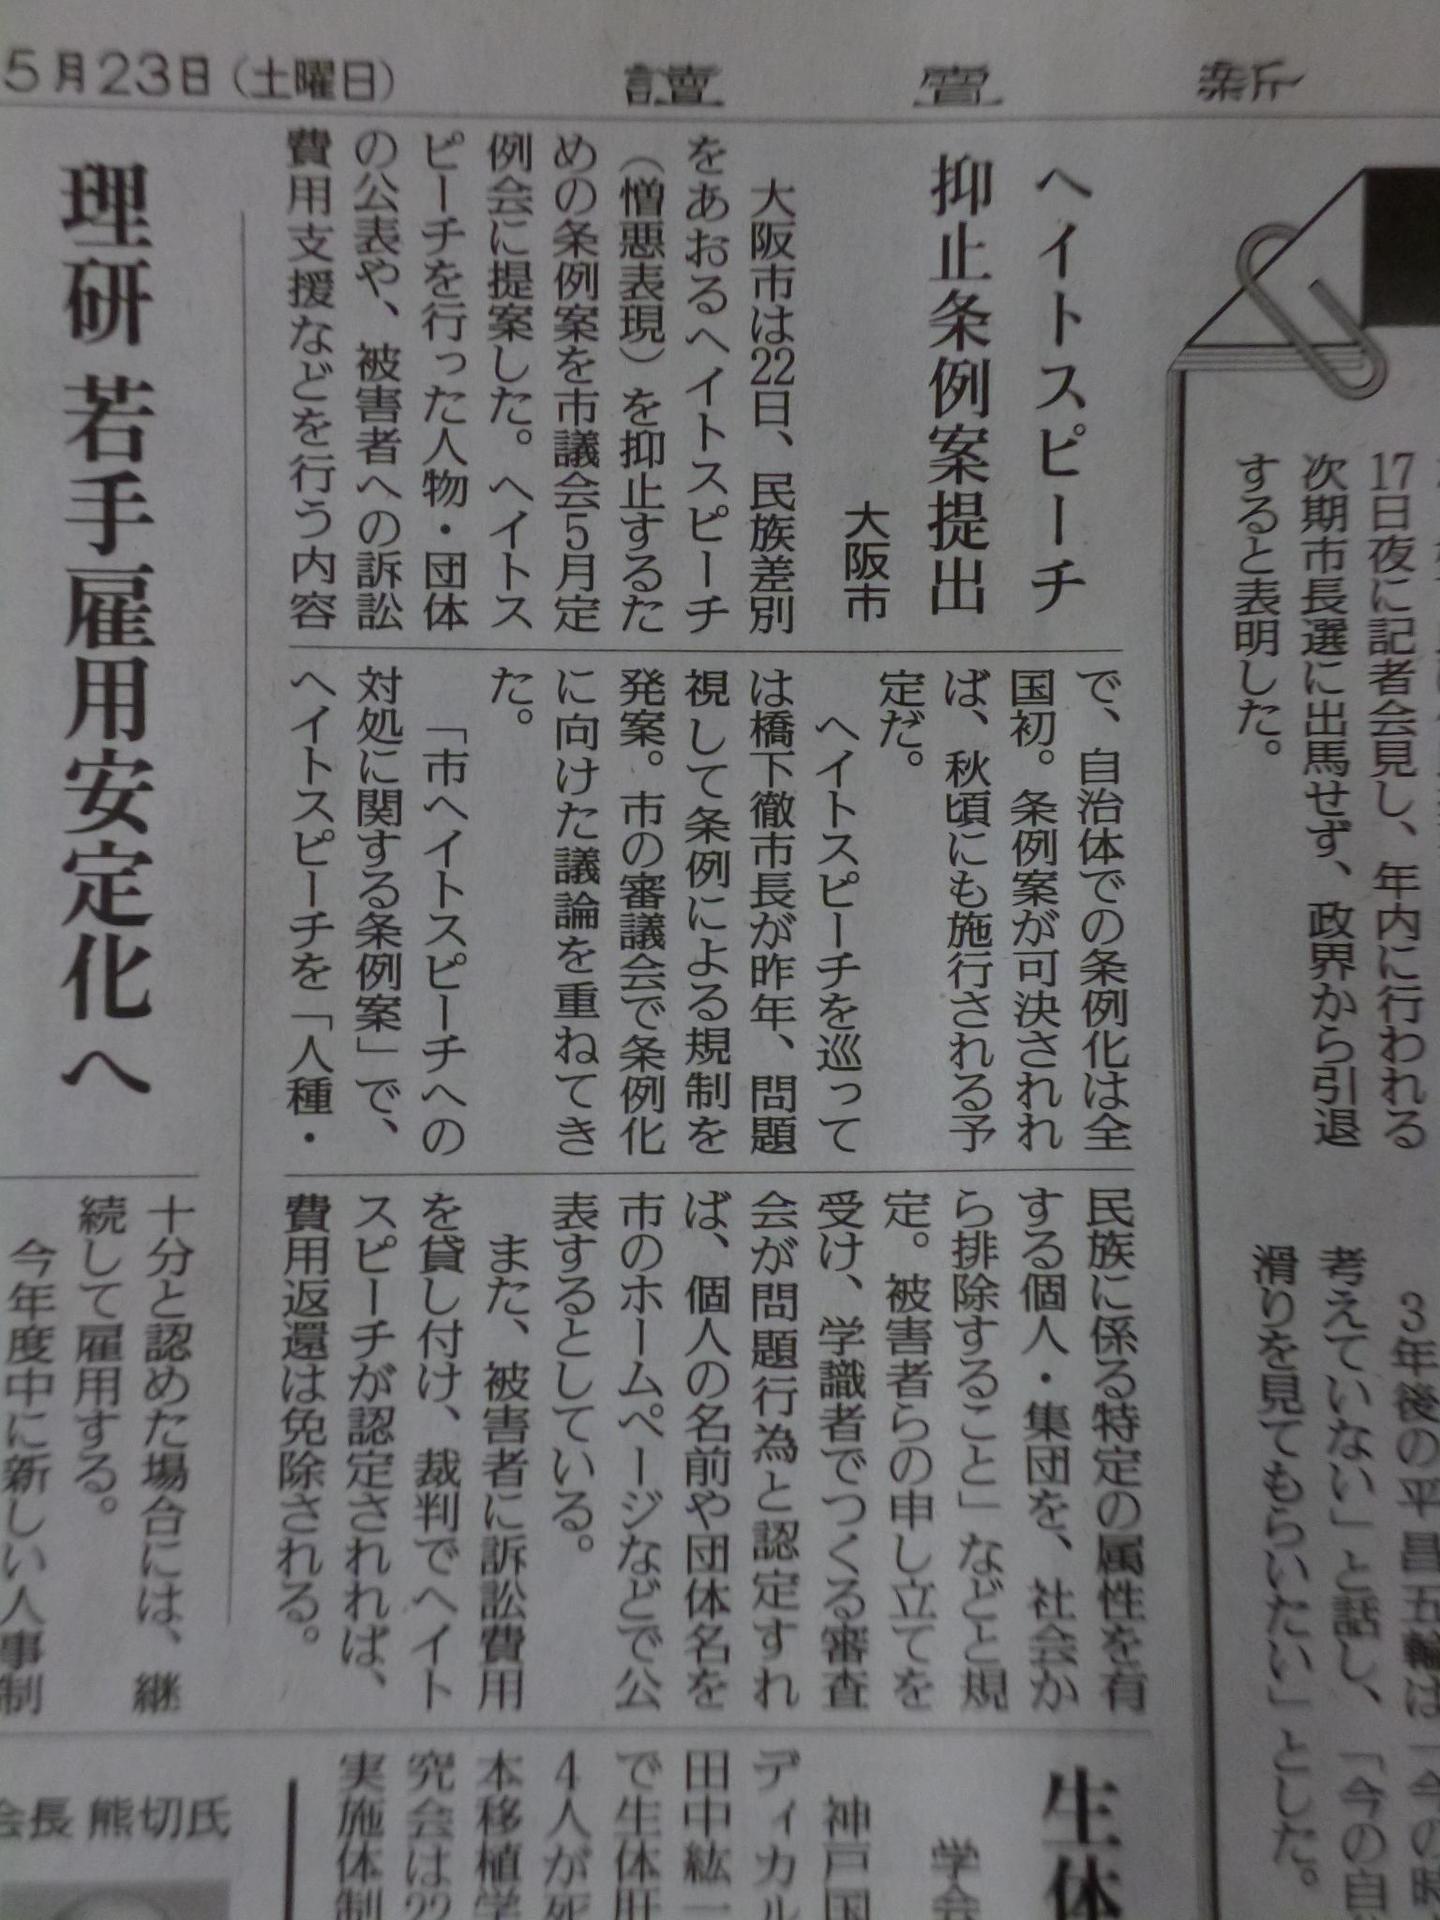 ヘイトスピーチ抑止条例案提出 大阪市